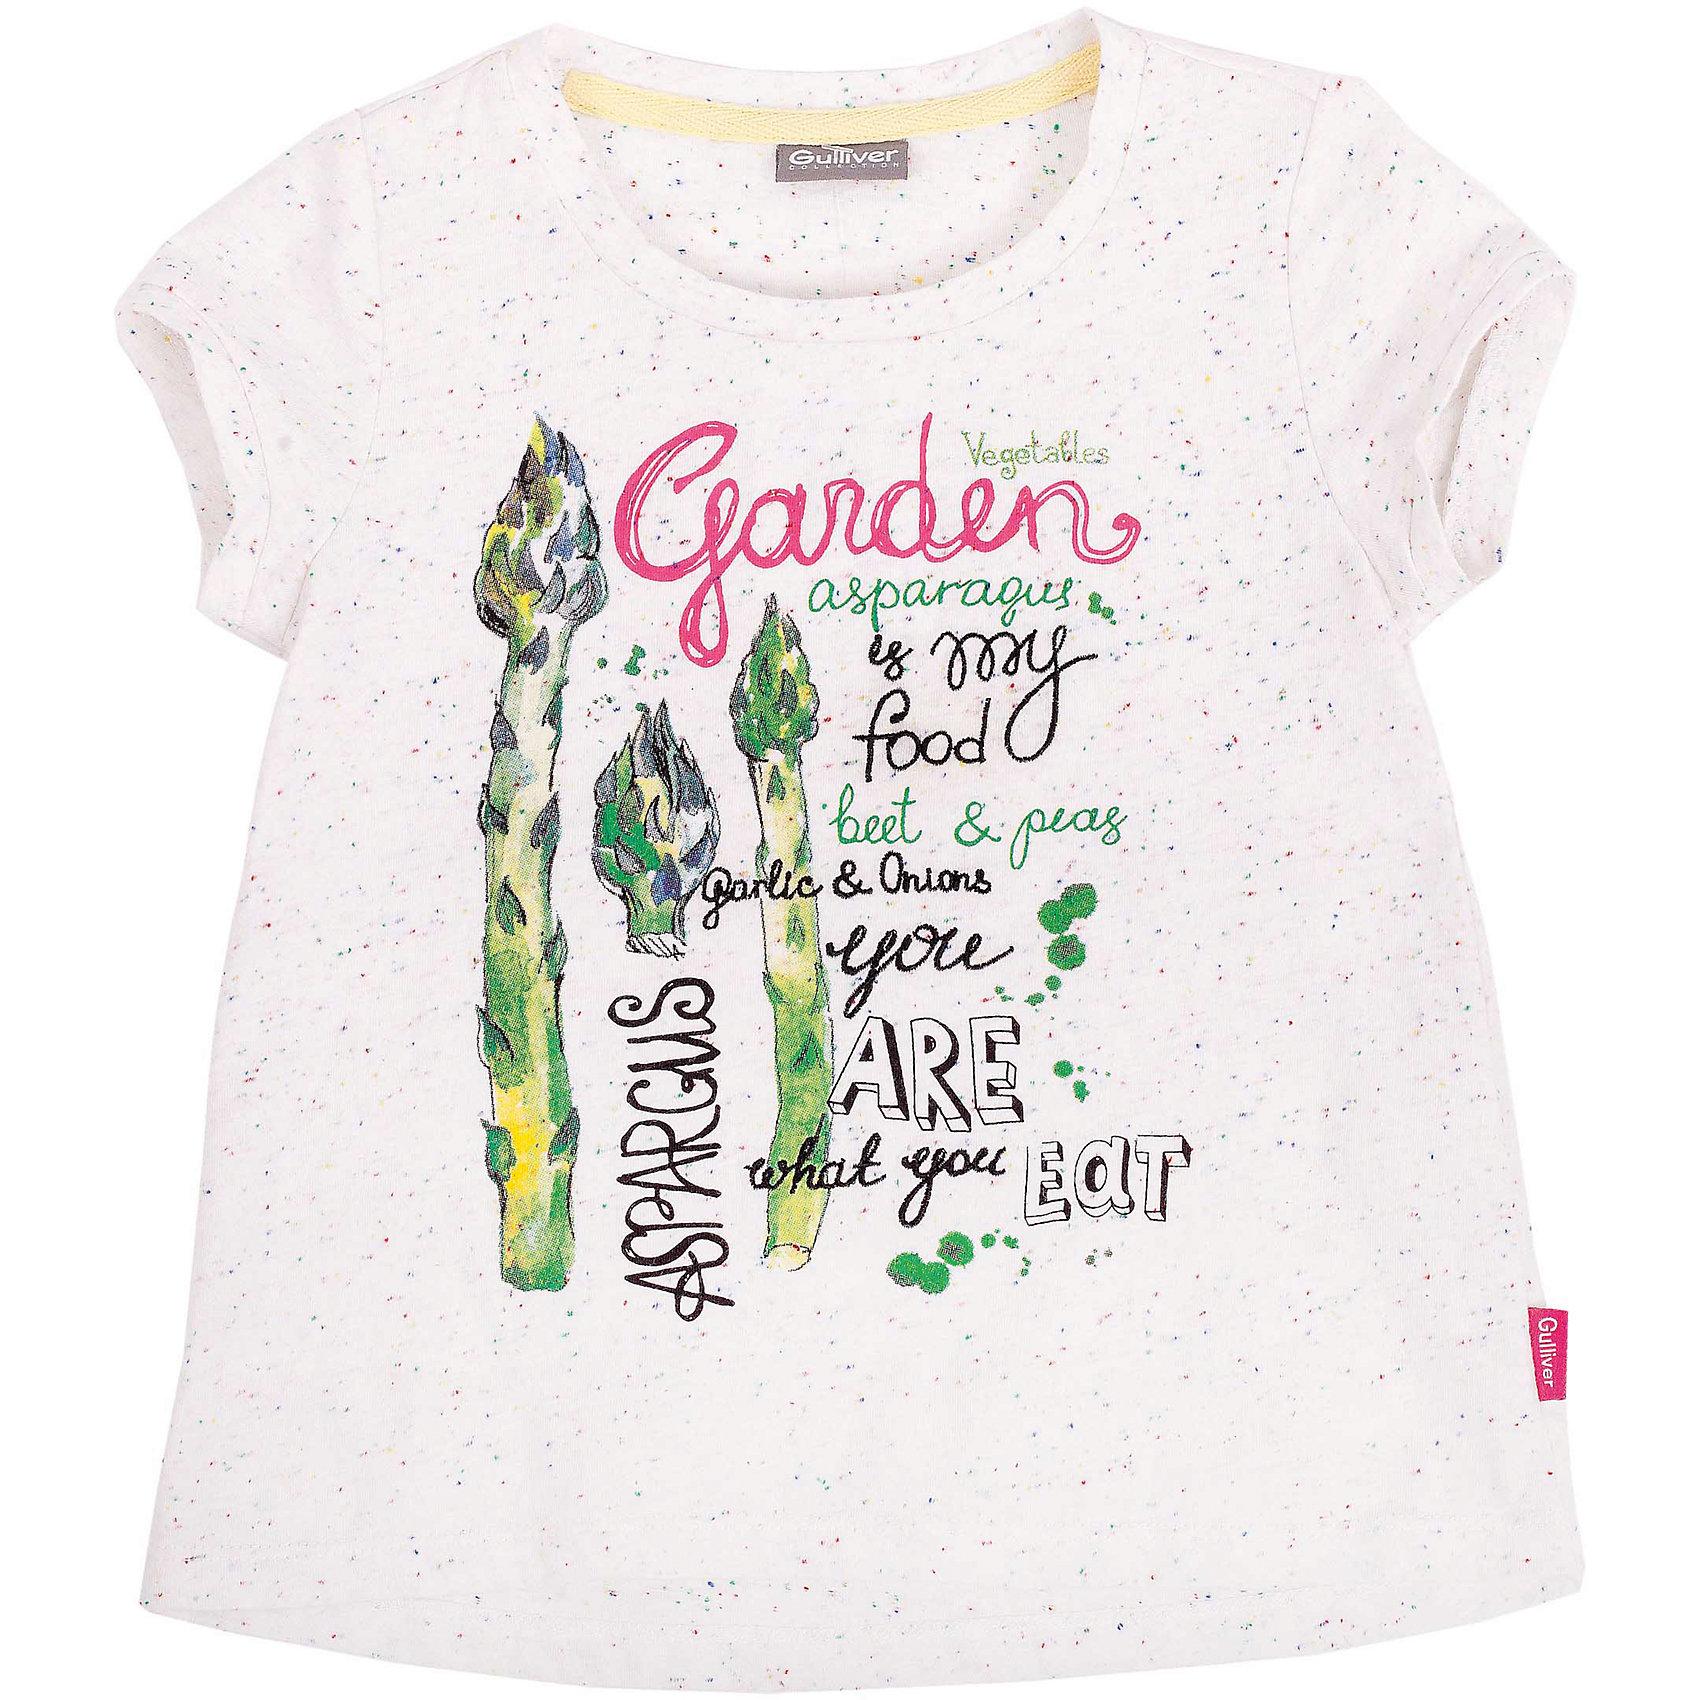 Футболка для девочки GulliverБелые футболки с коротким рукавом в сезоне Весна/Лето 2016 - изделия из разряда must have! А белые футболки с рисунком и яркими цветовыми вкраплениями - тем более! Стильный дизайн, модный трапециевидный силуэт с укороченной линией переда, высокое качество исполнения принесут удовольствие от покупки и подарят отличное настроение!<br>Состав:<br>90% хлопок    10% полиэстер<br><br>Ширина мм: 199<br>Глубина мм: 10<br>Высота мм: 161<br>Вес г: 151<br>Цвет: белый<br>Возраст от месяцев: 48<br>Возраст до месяцев: 60<br>Пол: Женский<br>Возраст: Детский<br>Размер: 110,122,116,98,104<br>SKU: 4534485